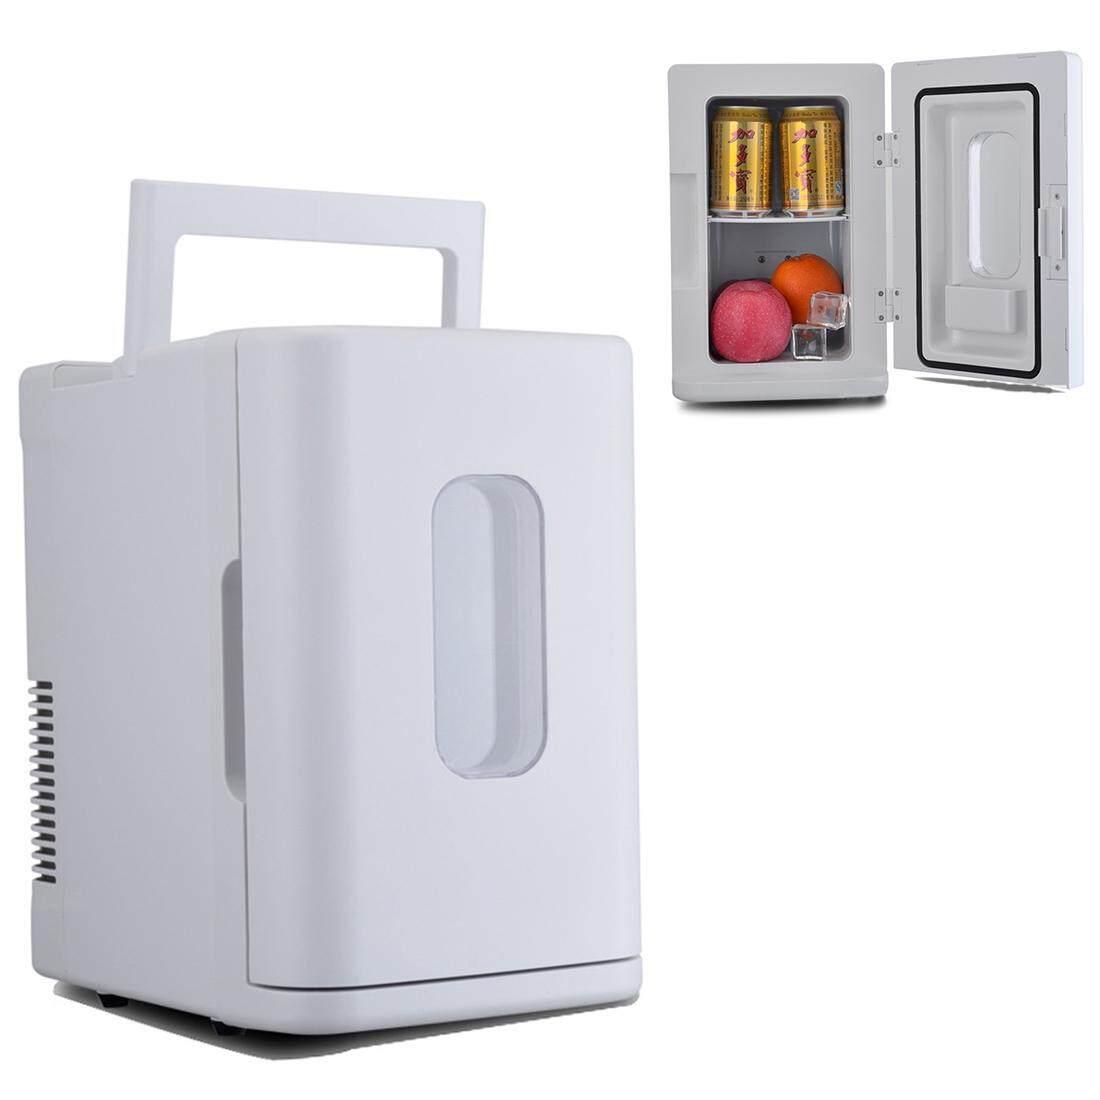 Vehicle Otomatis 68 W Maksimum Portabel Mini Cooler dan Lebih Hangat 10L Kulkas untuk Mobil dan Rumah, Tegangan: DC 12 V/AC 220 V (Putih)-Internasional